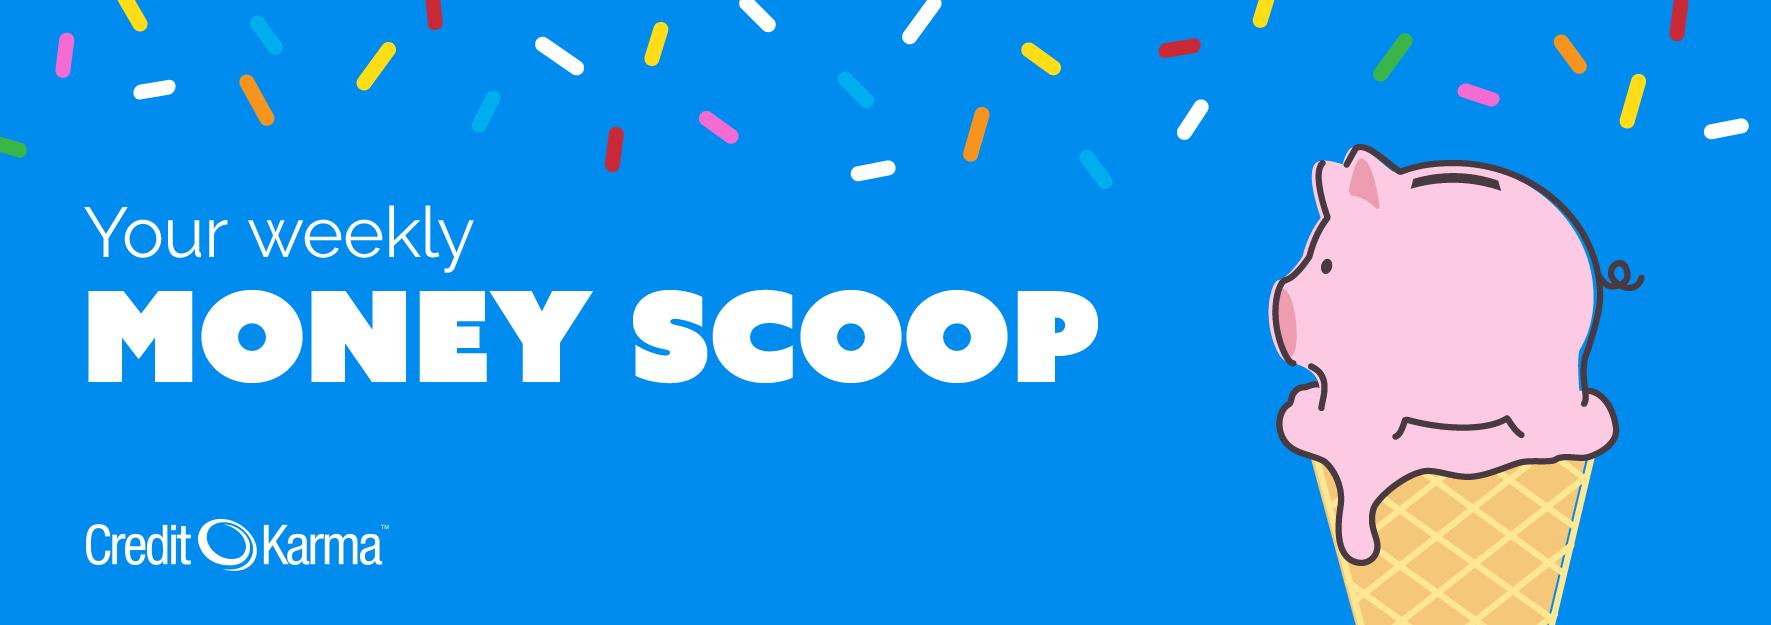 Your weekly money scoop: September 16, 2016